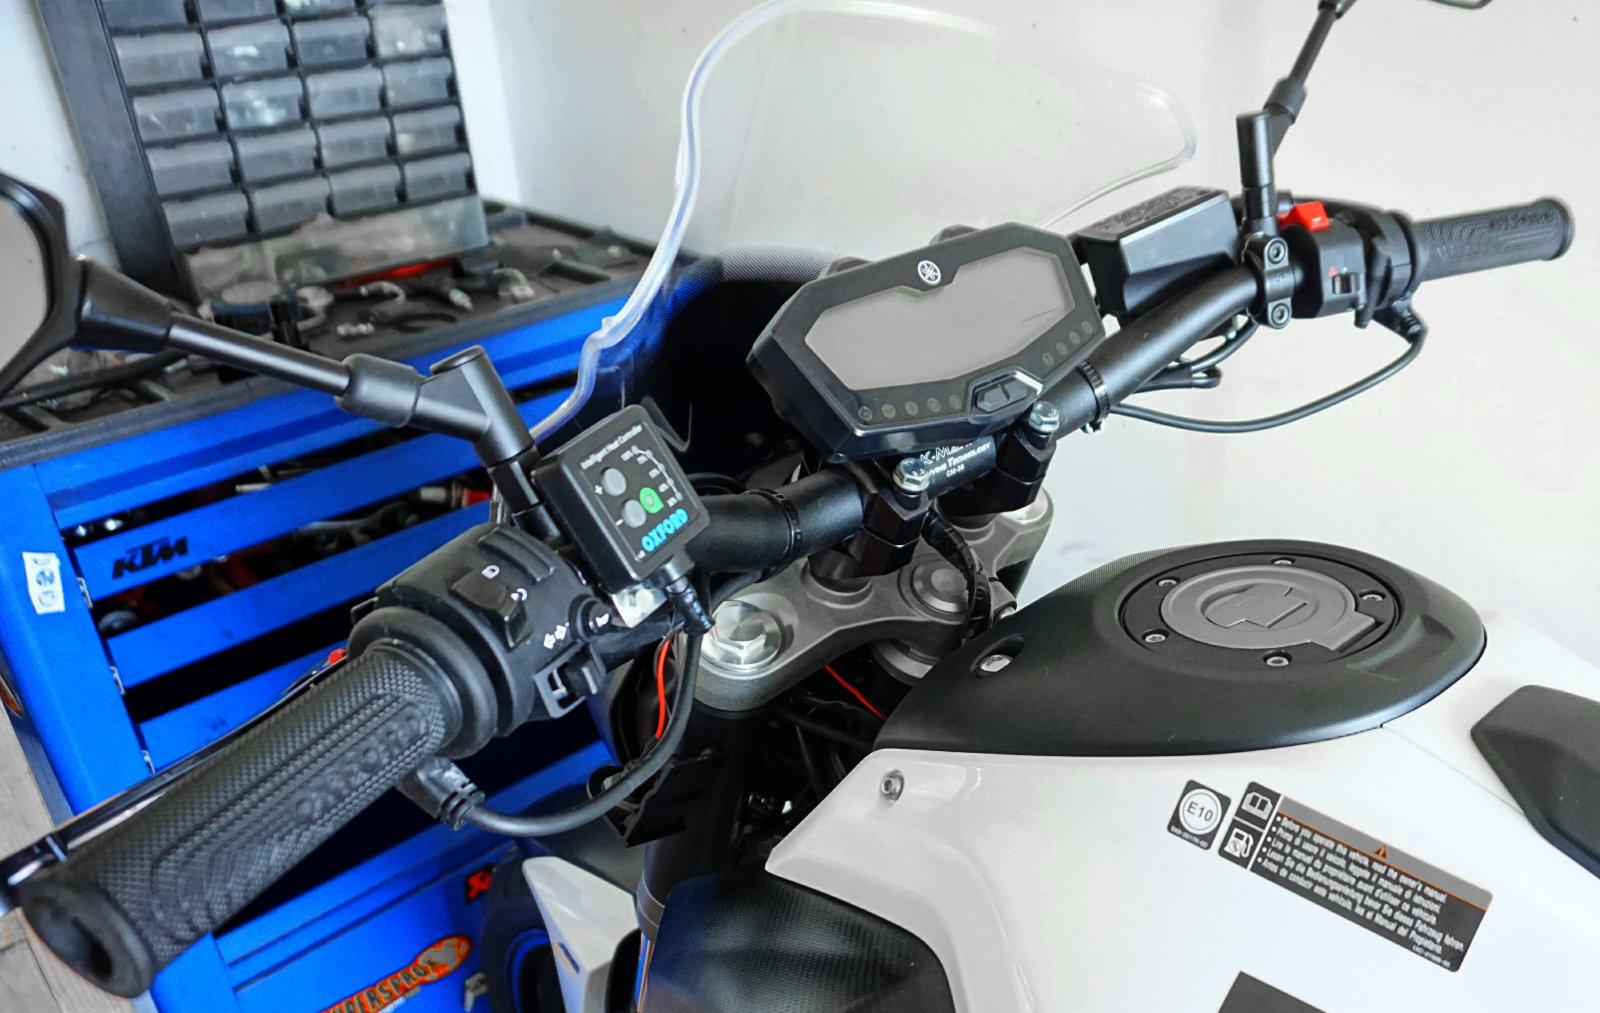 K-MaxX Fatty32 SB Lenker für die MT-07